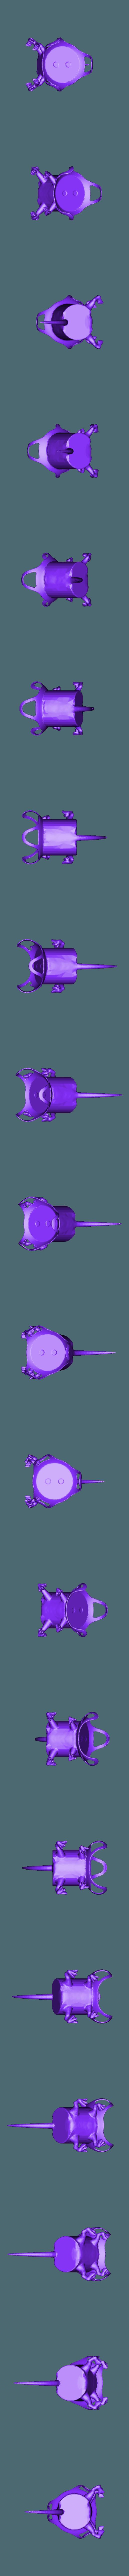 GoogleHomeMiniDach.obj Télécharger fichier OBJ gratuit Google Home Mini Dog • Objet pour imprimante 3D, JakG